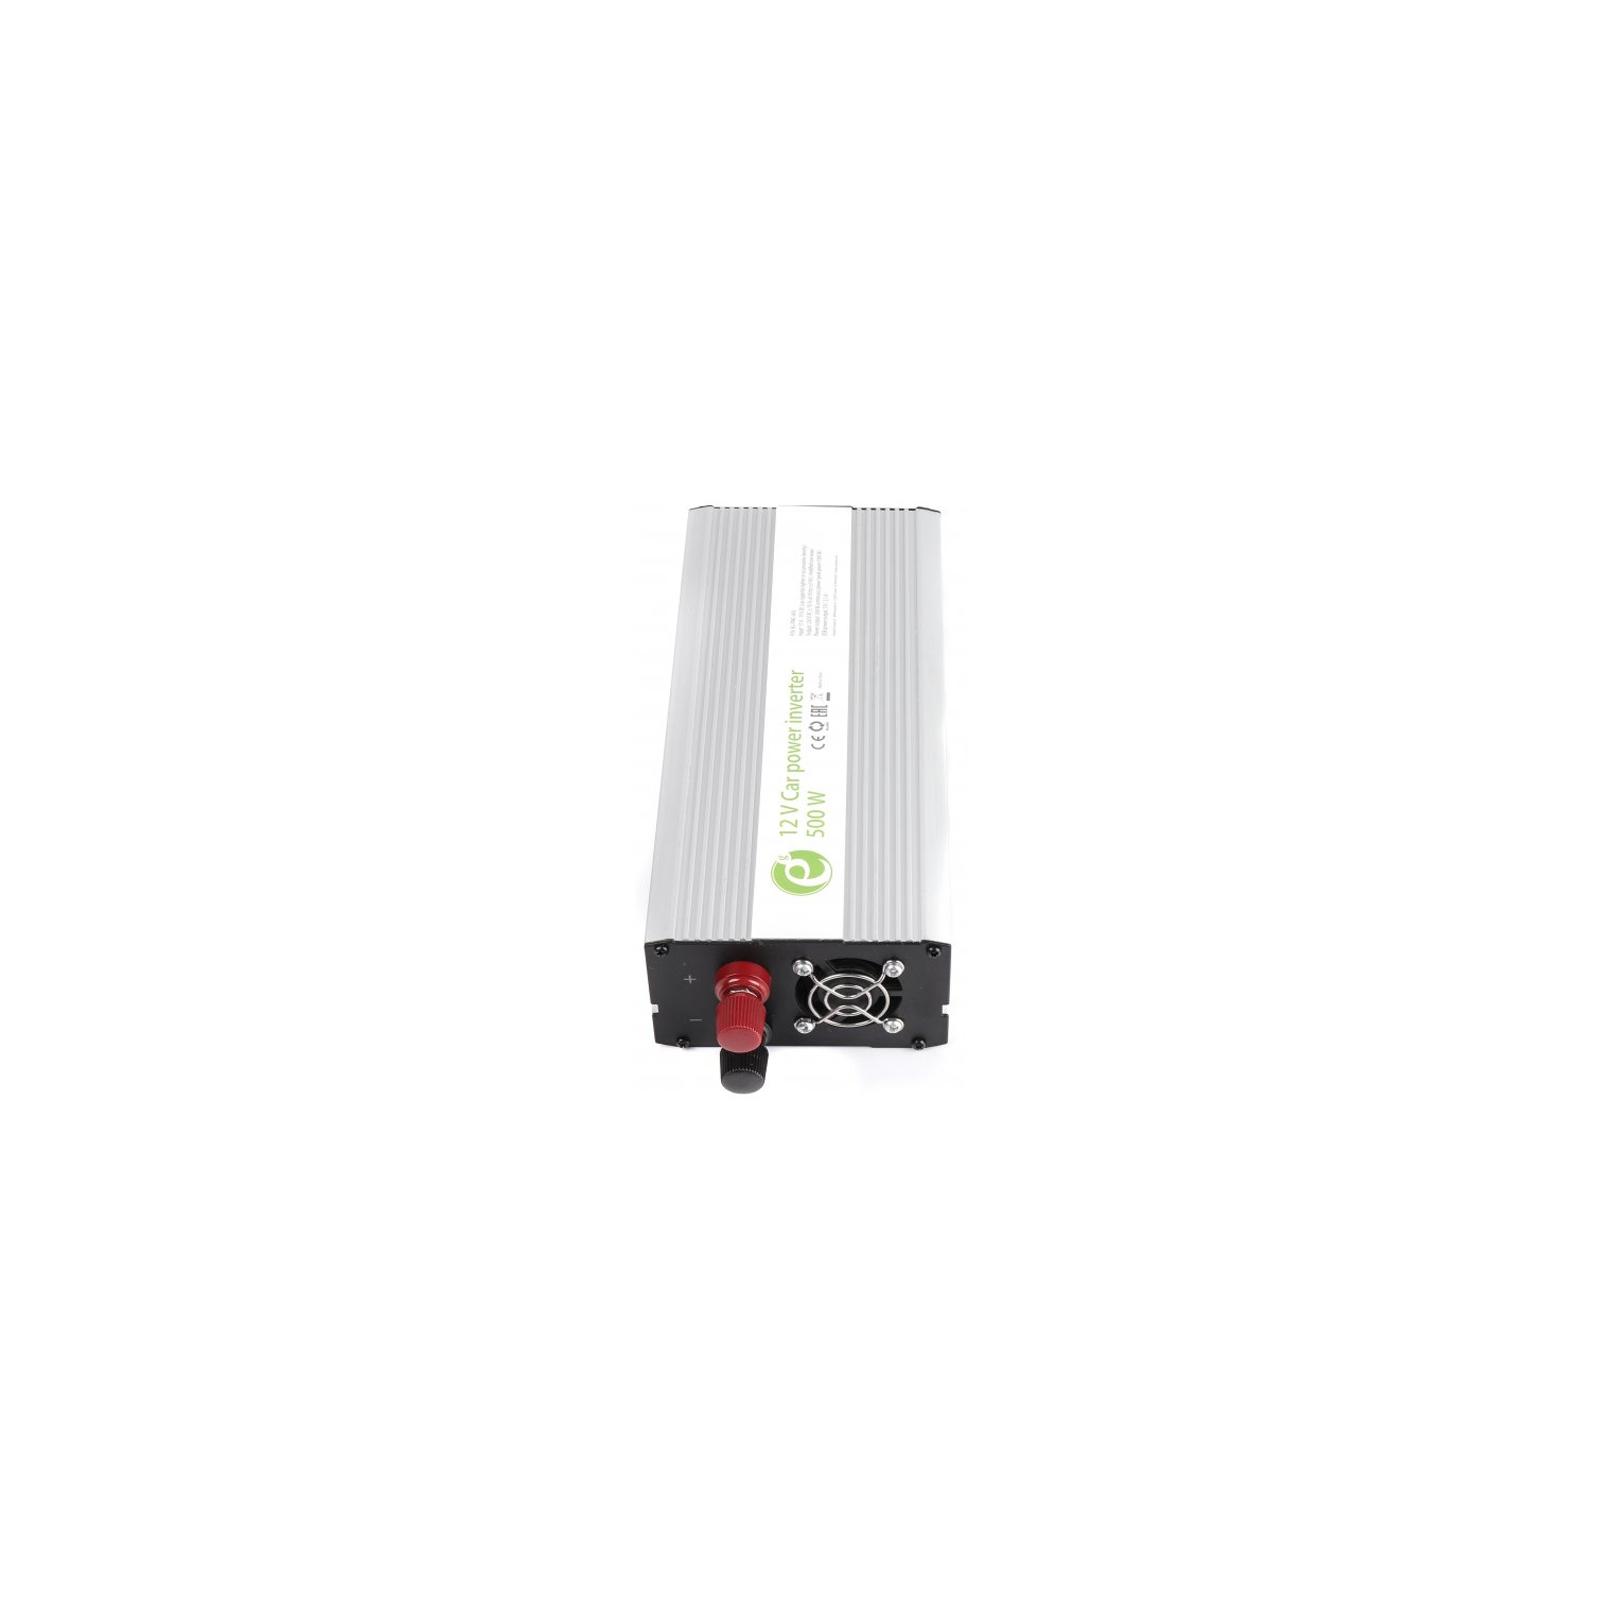 Автомобильный инвертор 12V/220V 500 Вт EnerGenie (EG-PWC-043) изображение 2